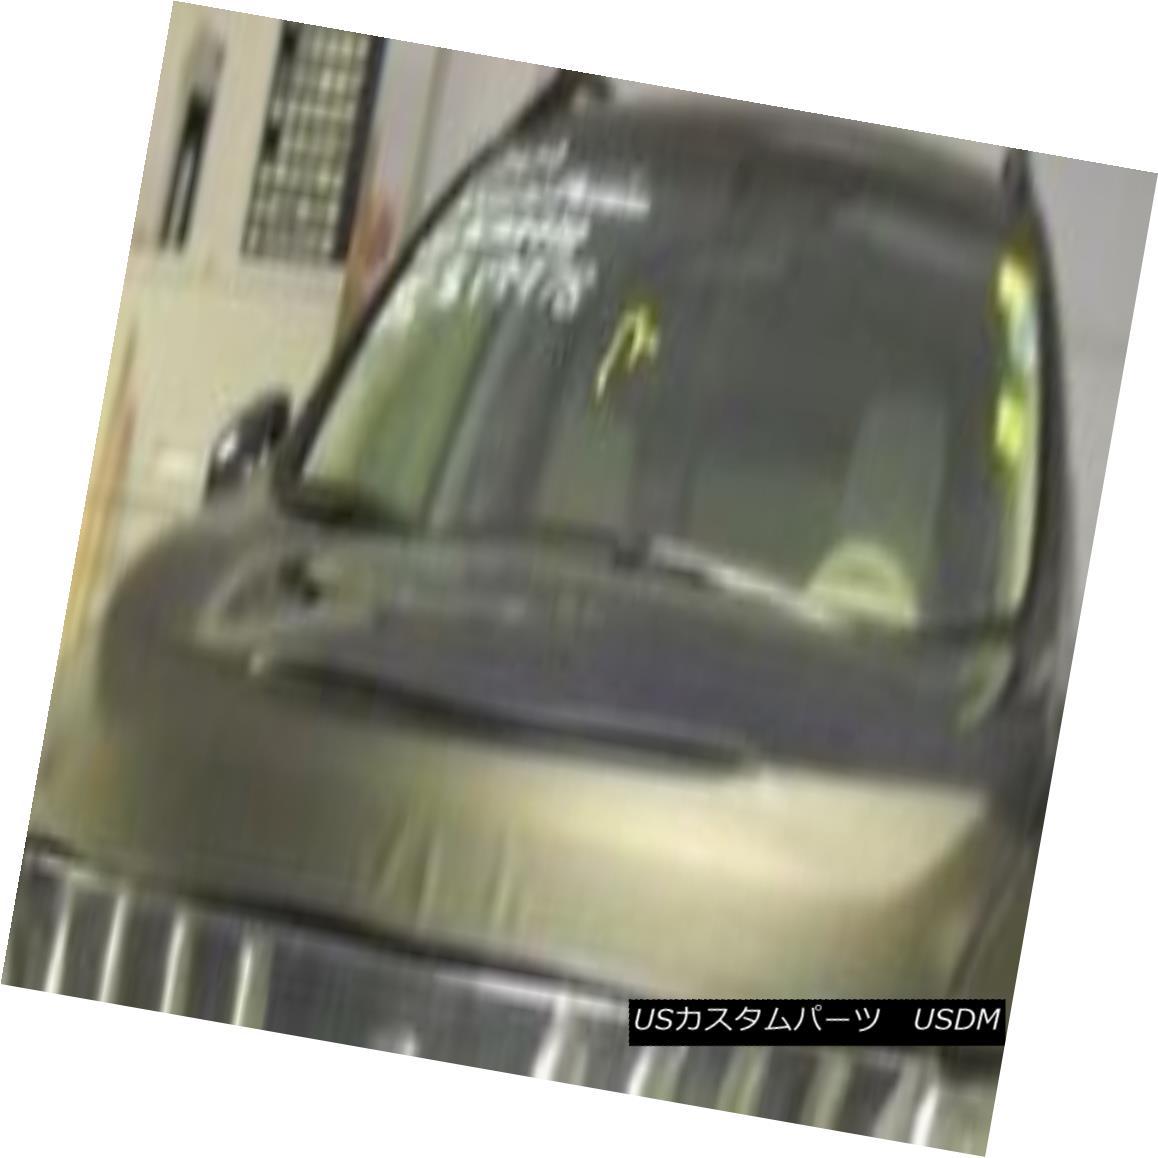 フルブラ ノーズブラ Lebra Hood Protector Mini Mask Bra Fits Nissan Murano 2009-2014 LebraフードプロテクターミニマスクブラはNissan Murano 2009-2014に合っています